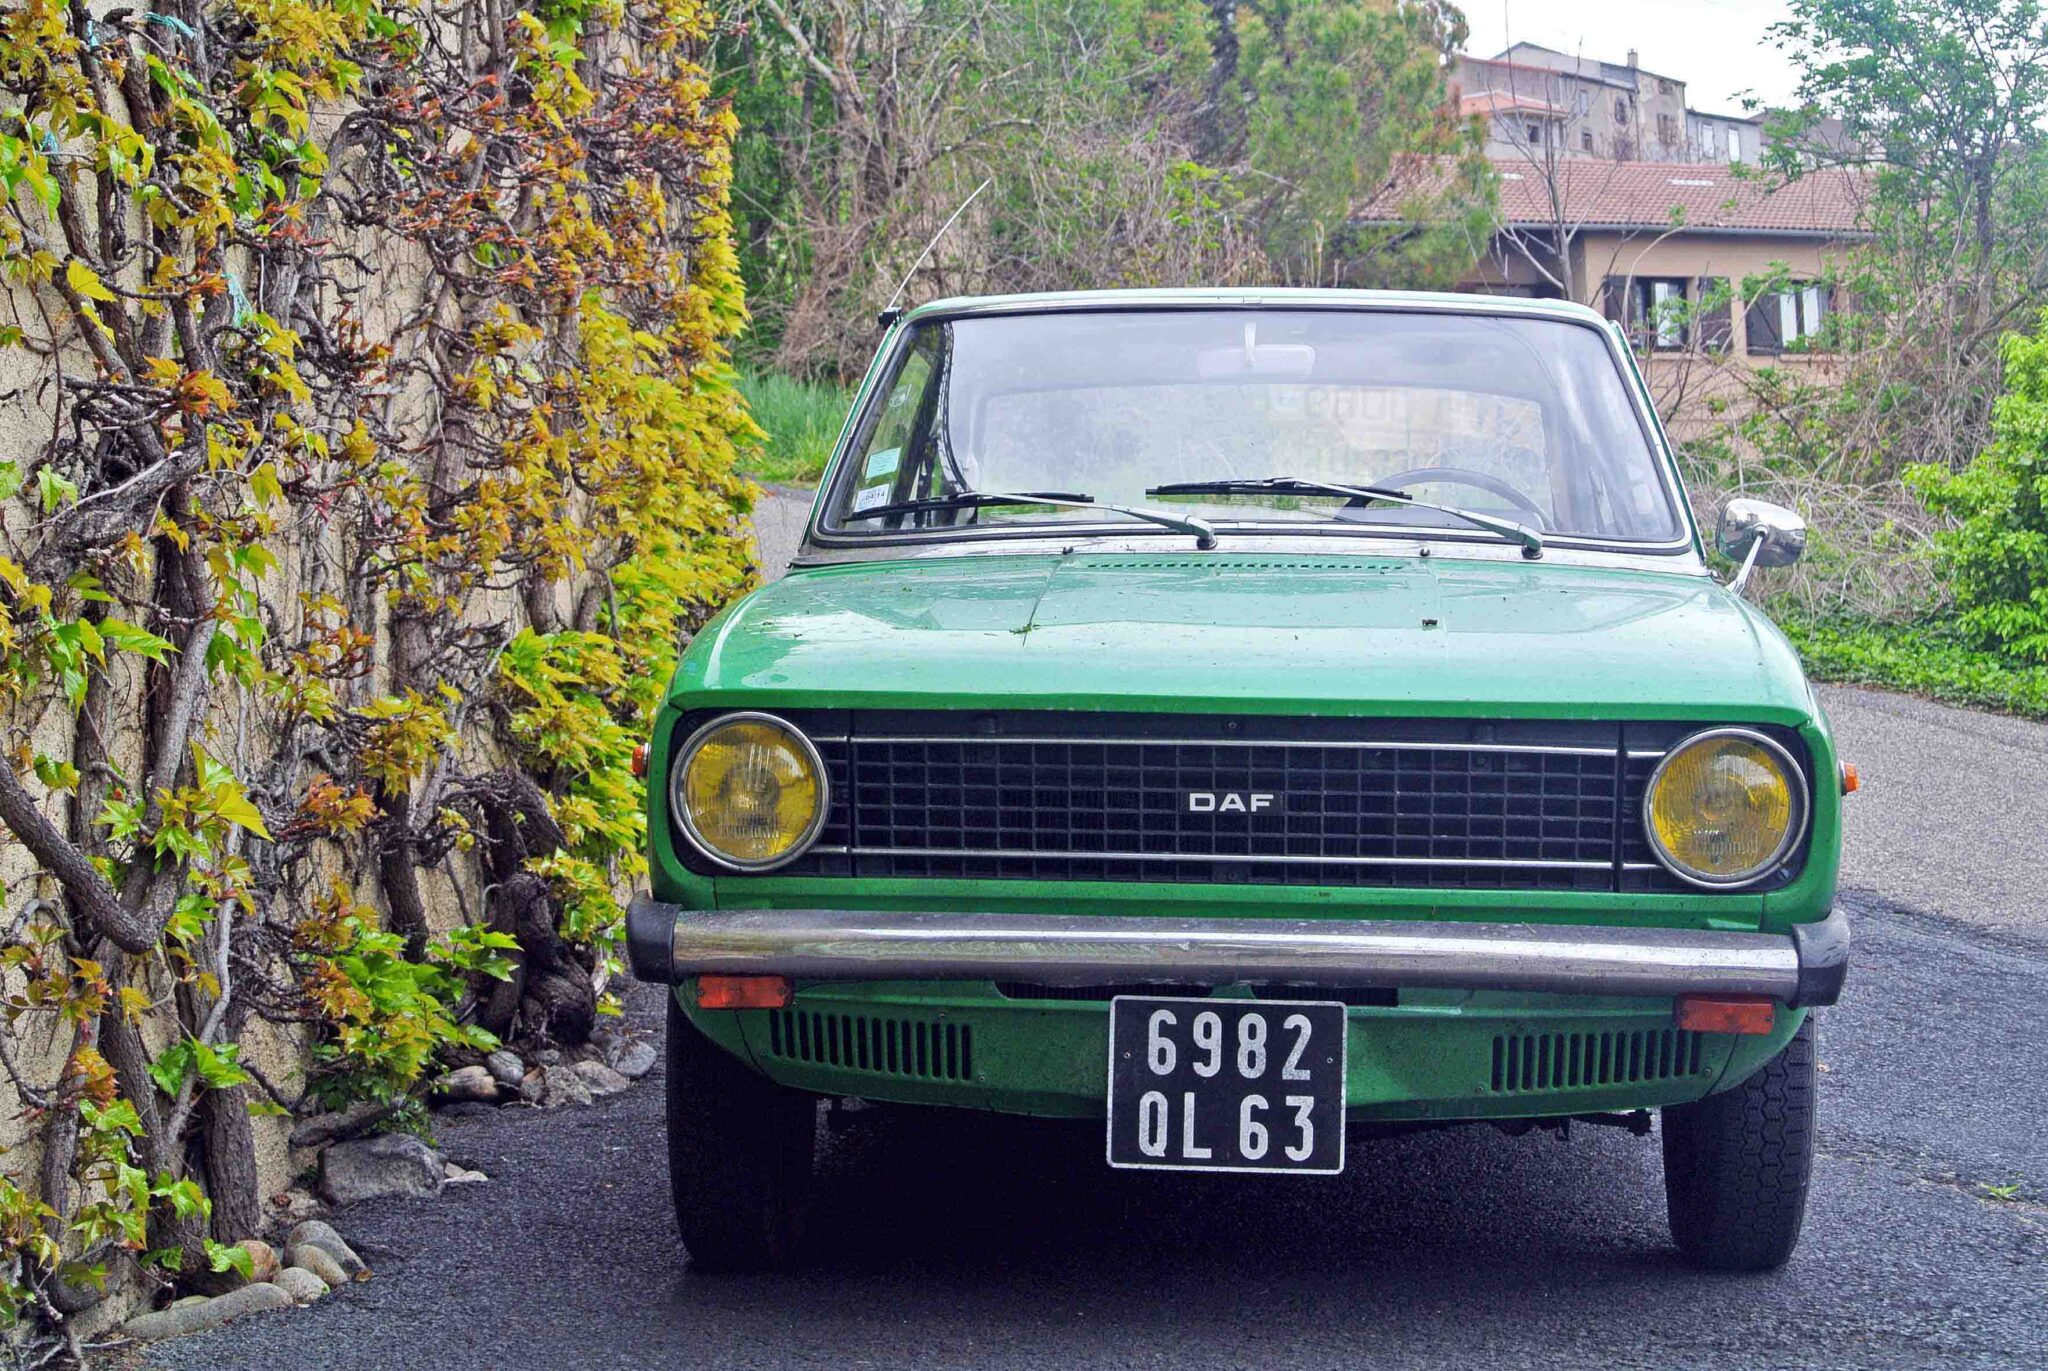 Daf coupé 66